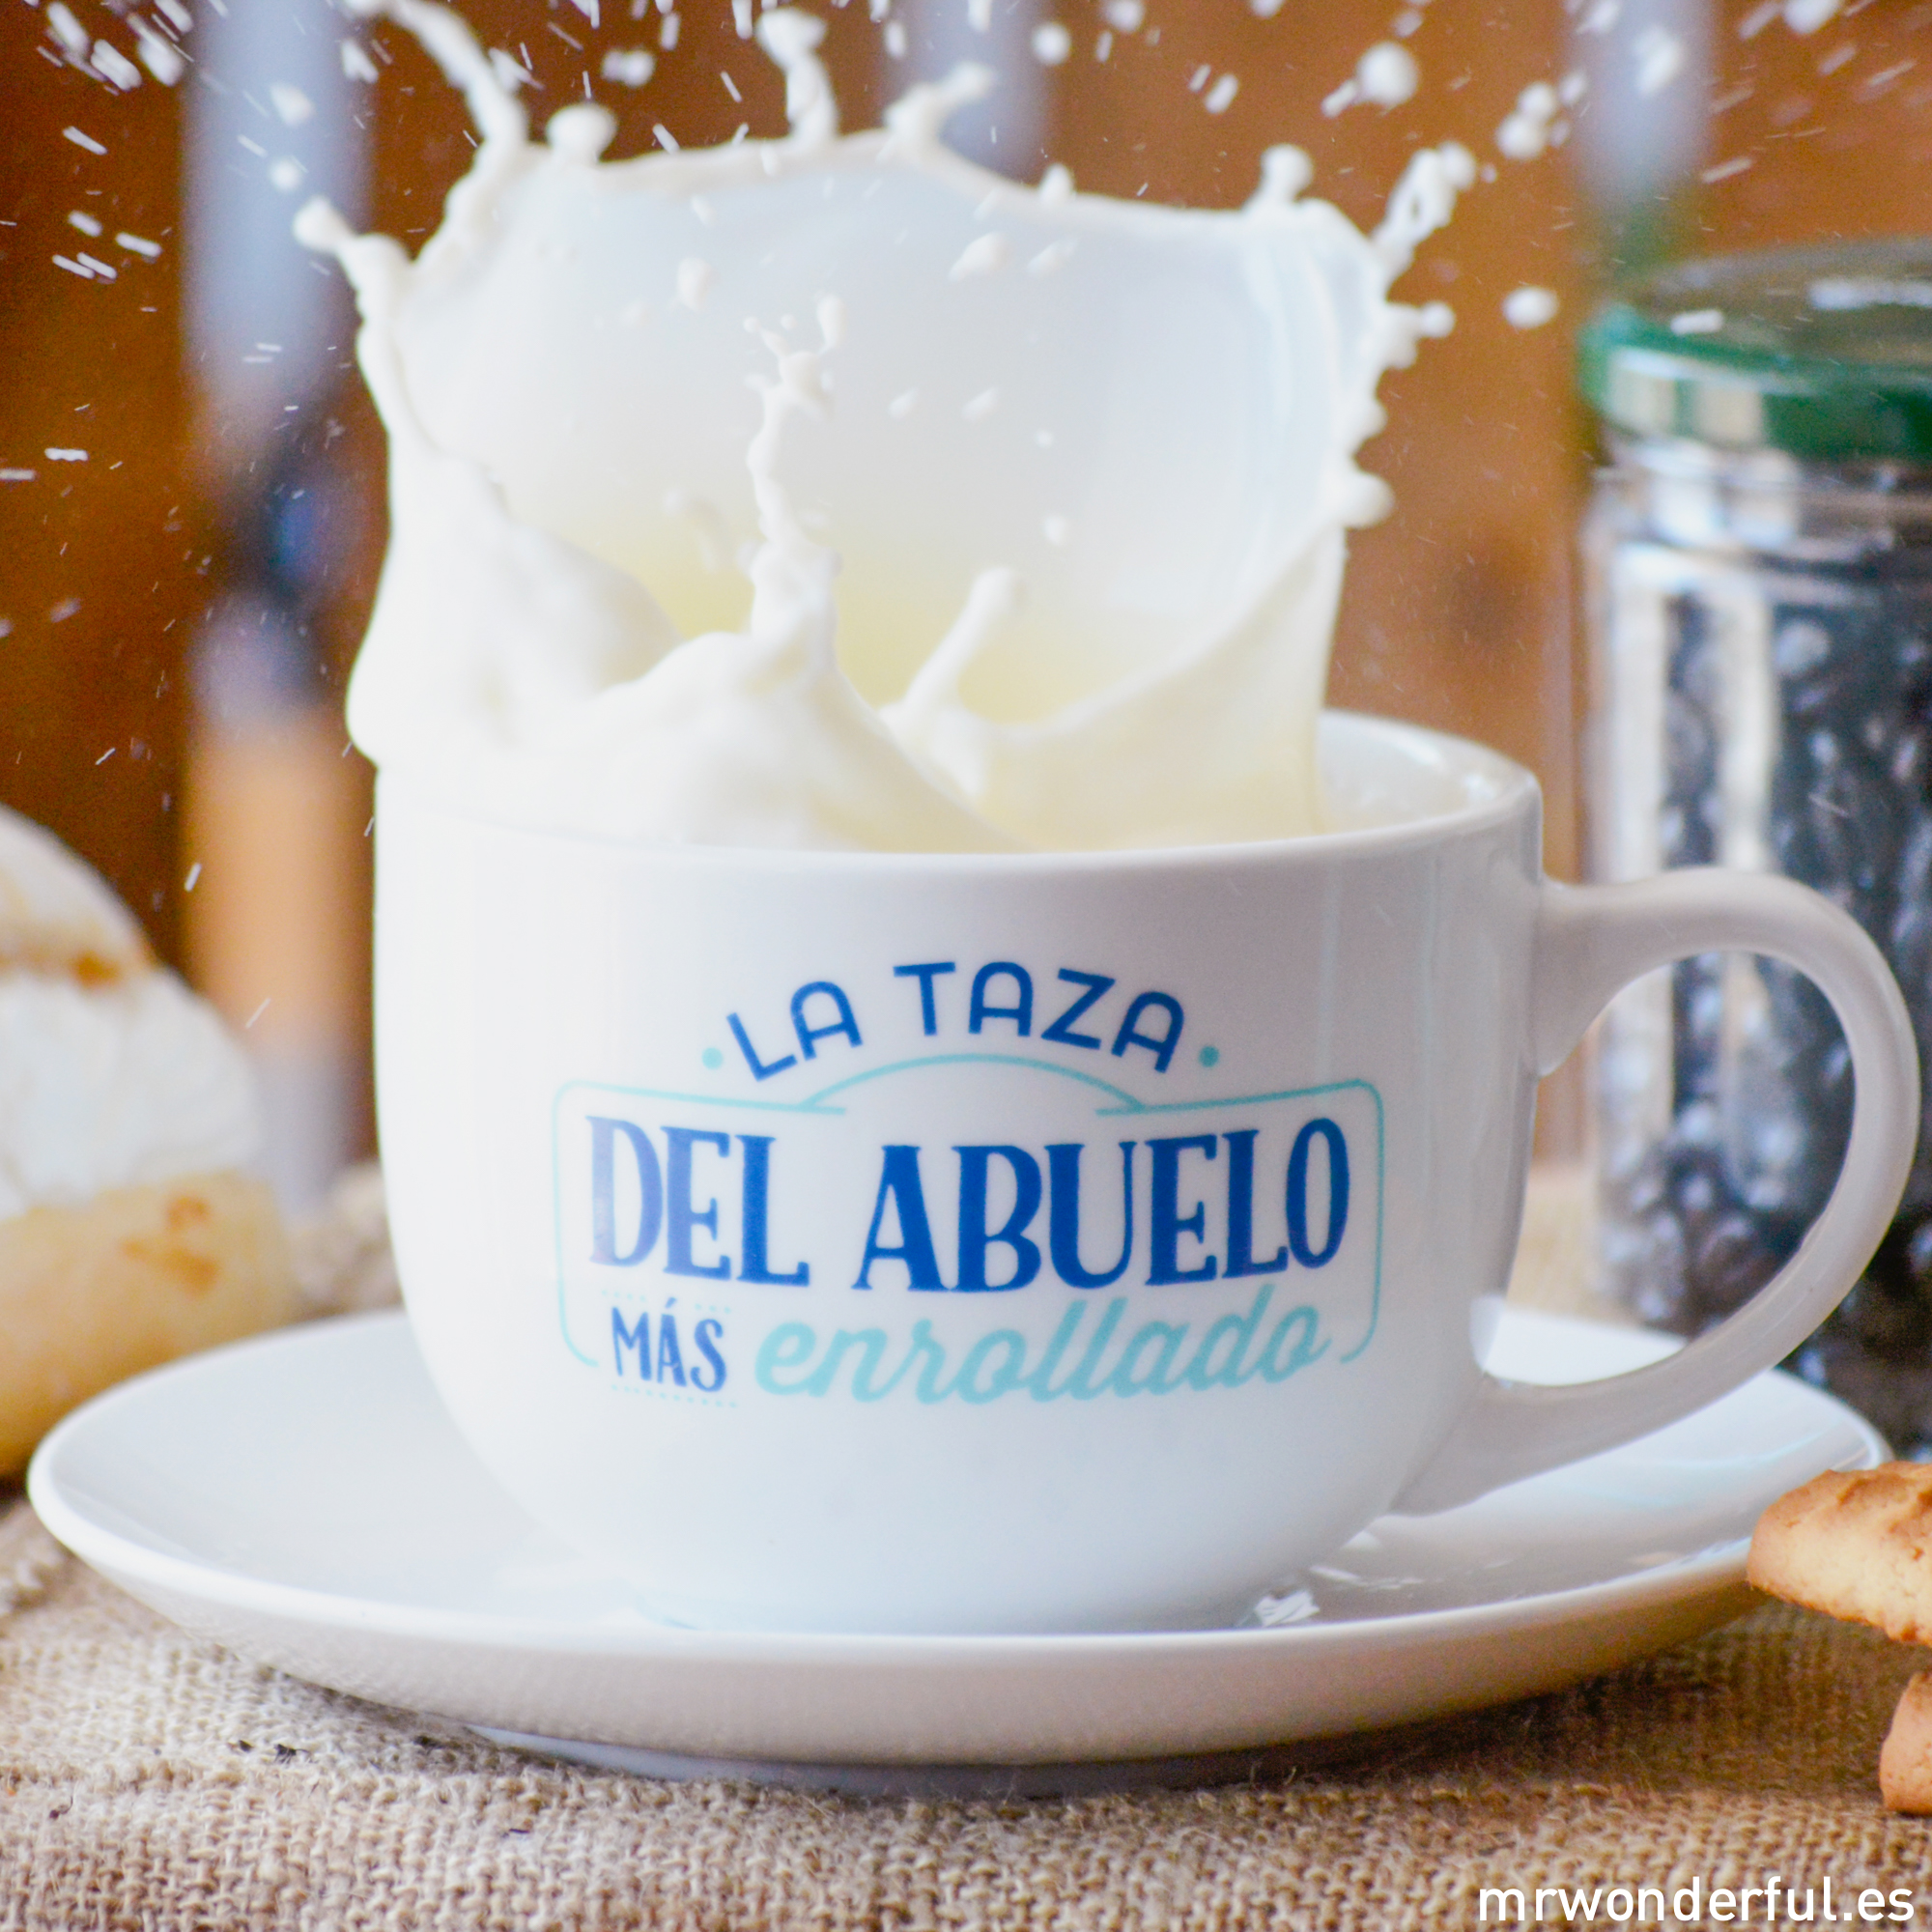 mrwonderful_la-taza-del-abuelo-mas-enrollado_02-2